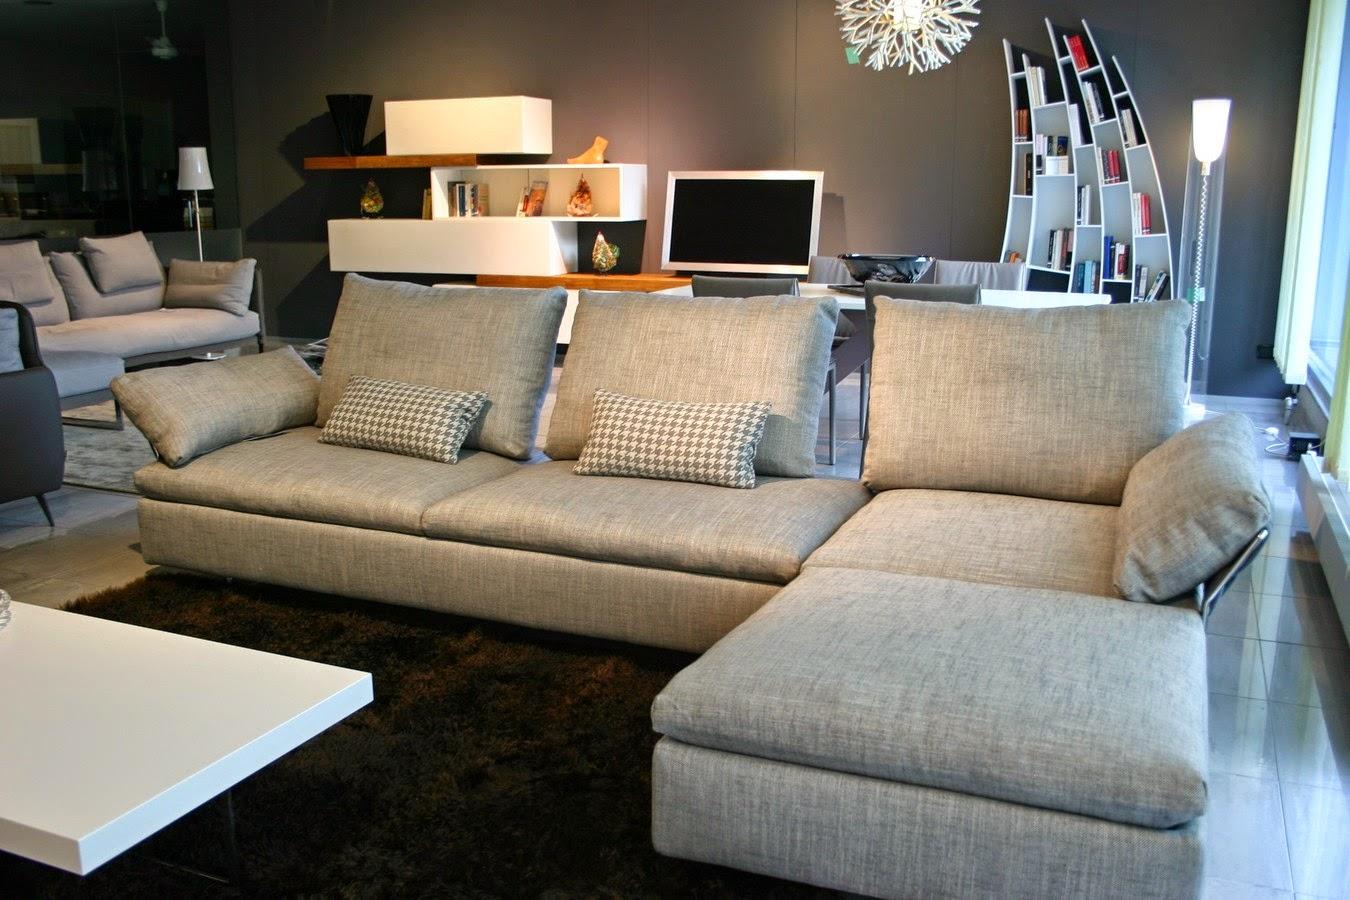 divani italia bergamo - 28 images - salotti divani e poltrone in ...